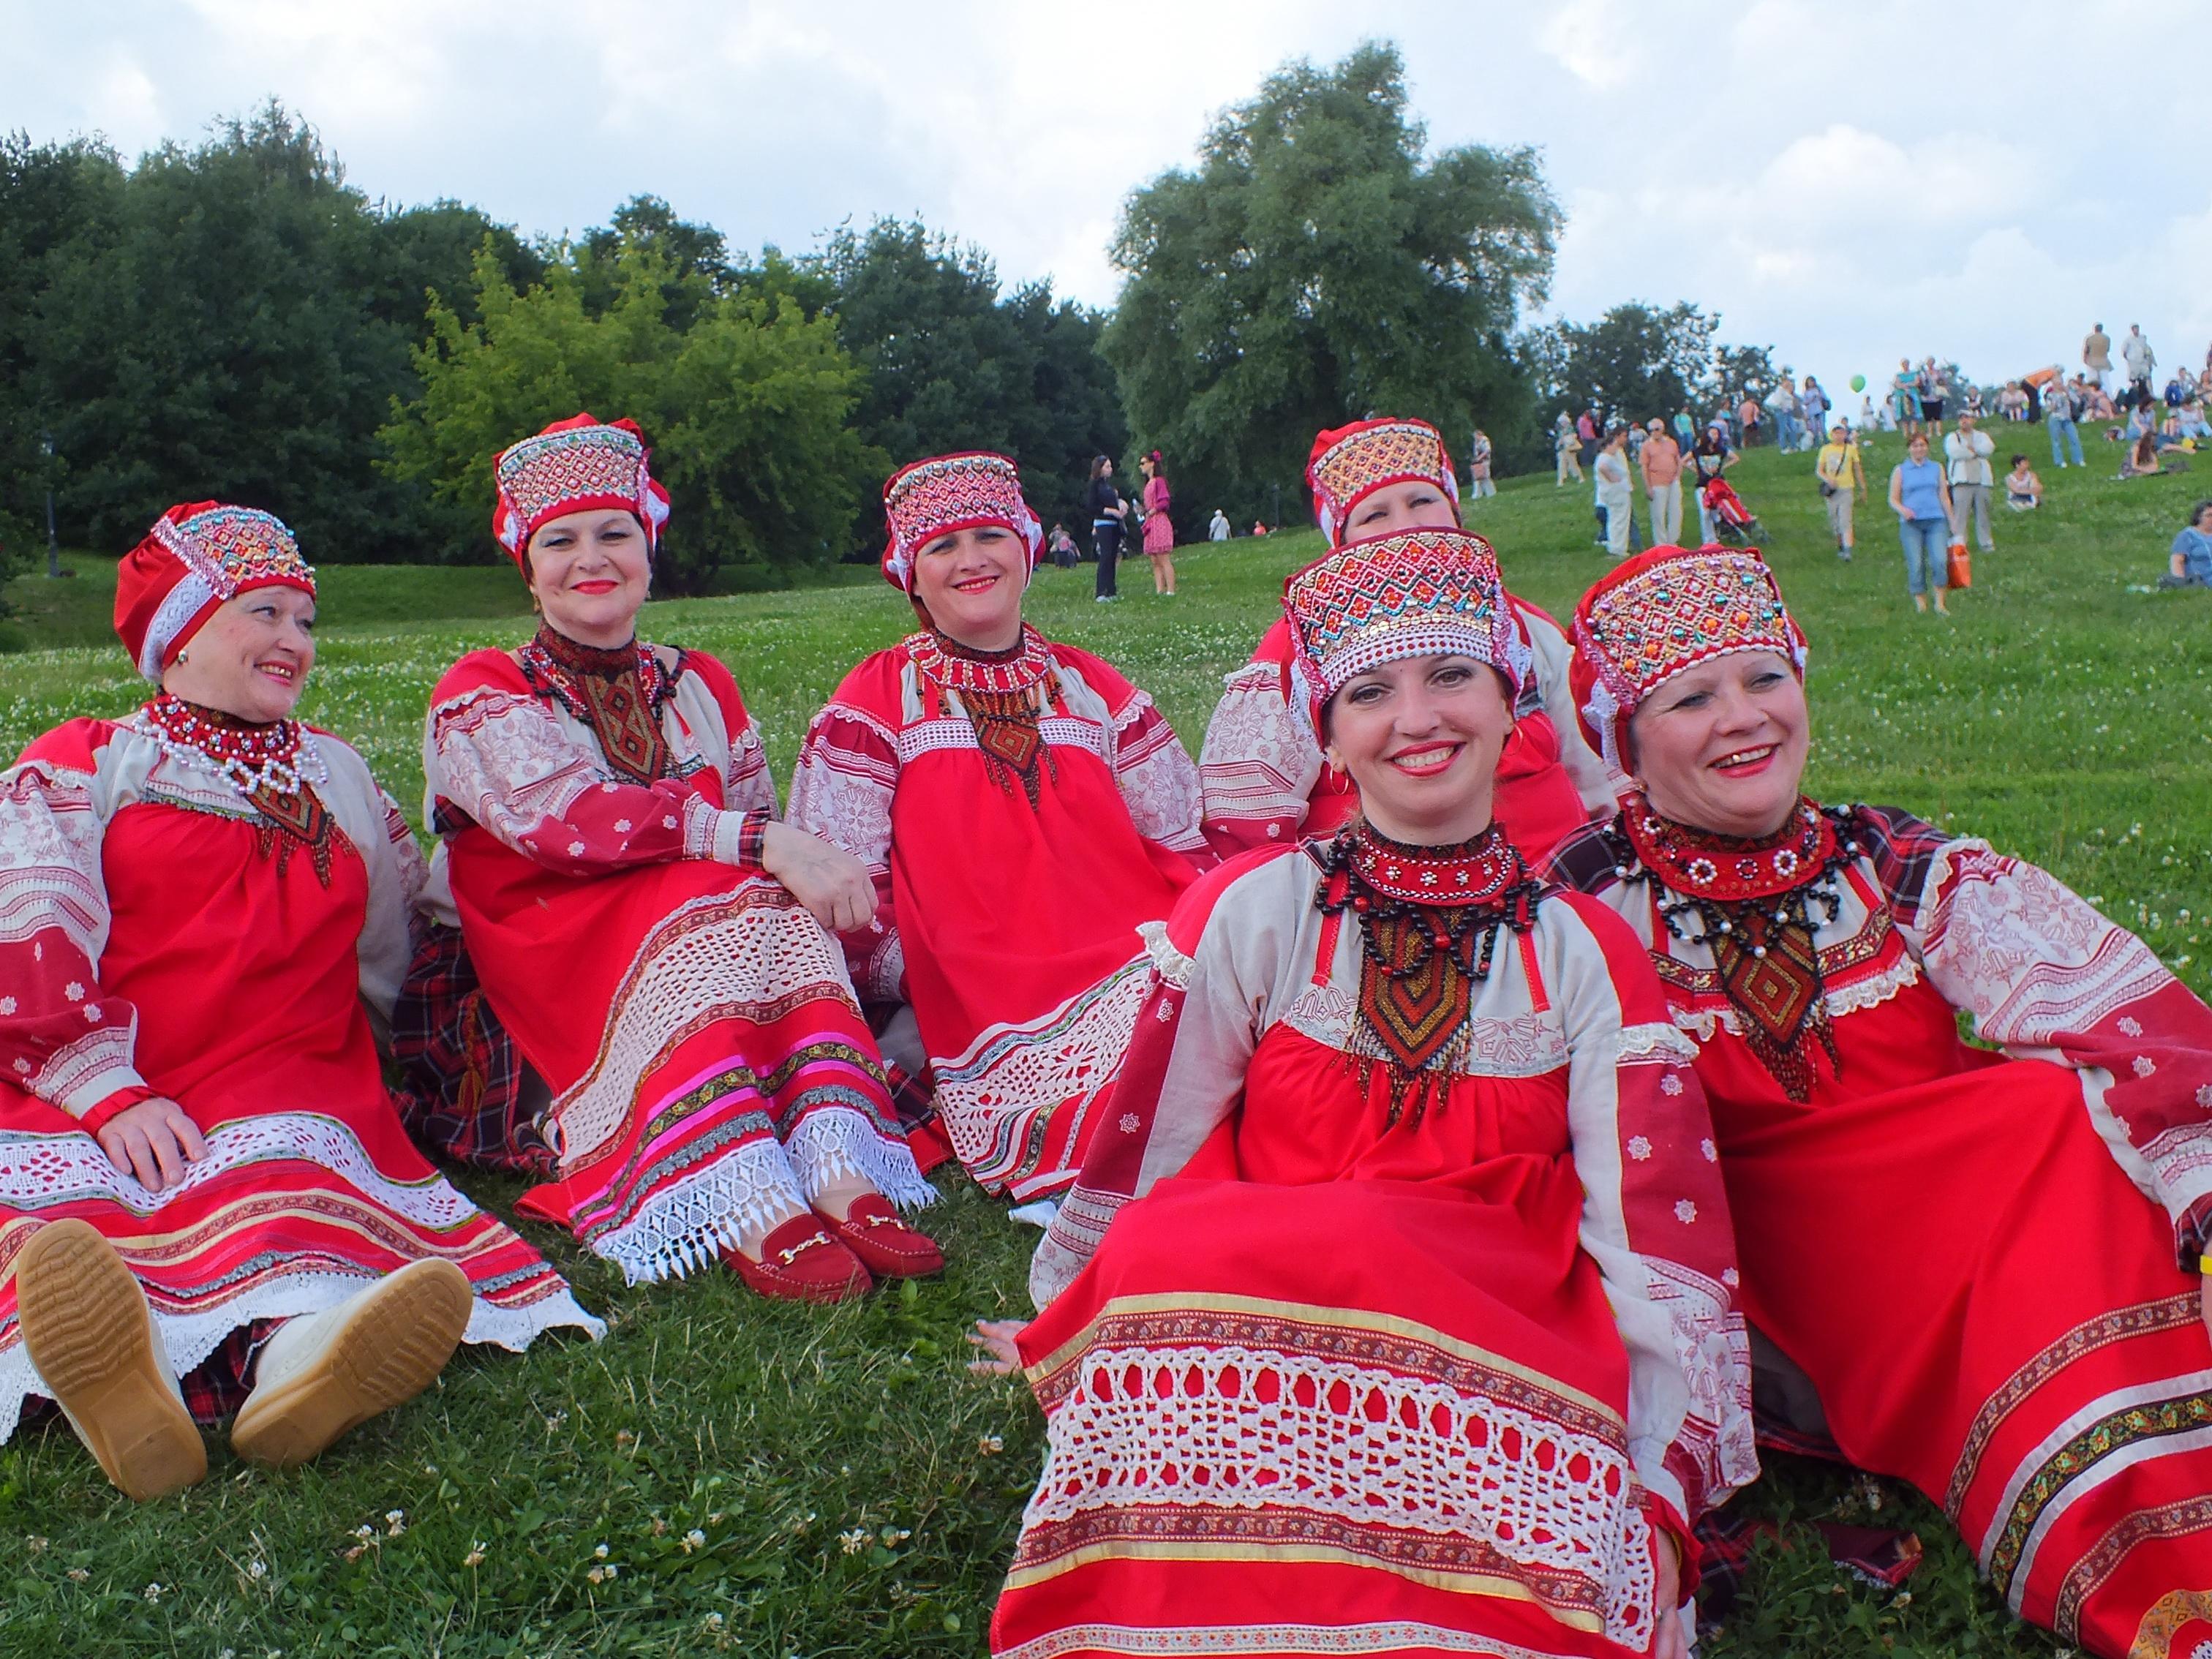 Около 200 тыс. человек посетили фестиваль «Русское поле» вмузее-заповеднике «Царицыно»